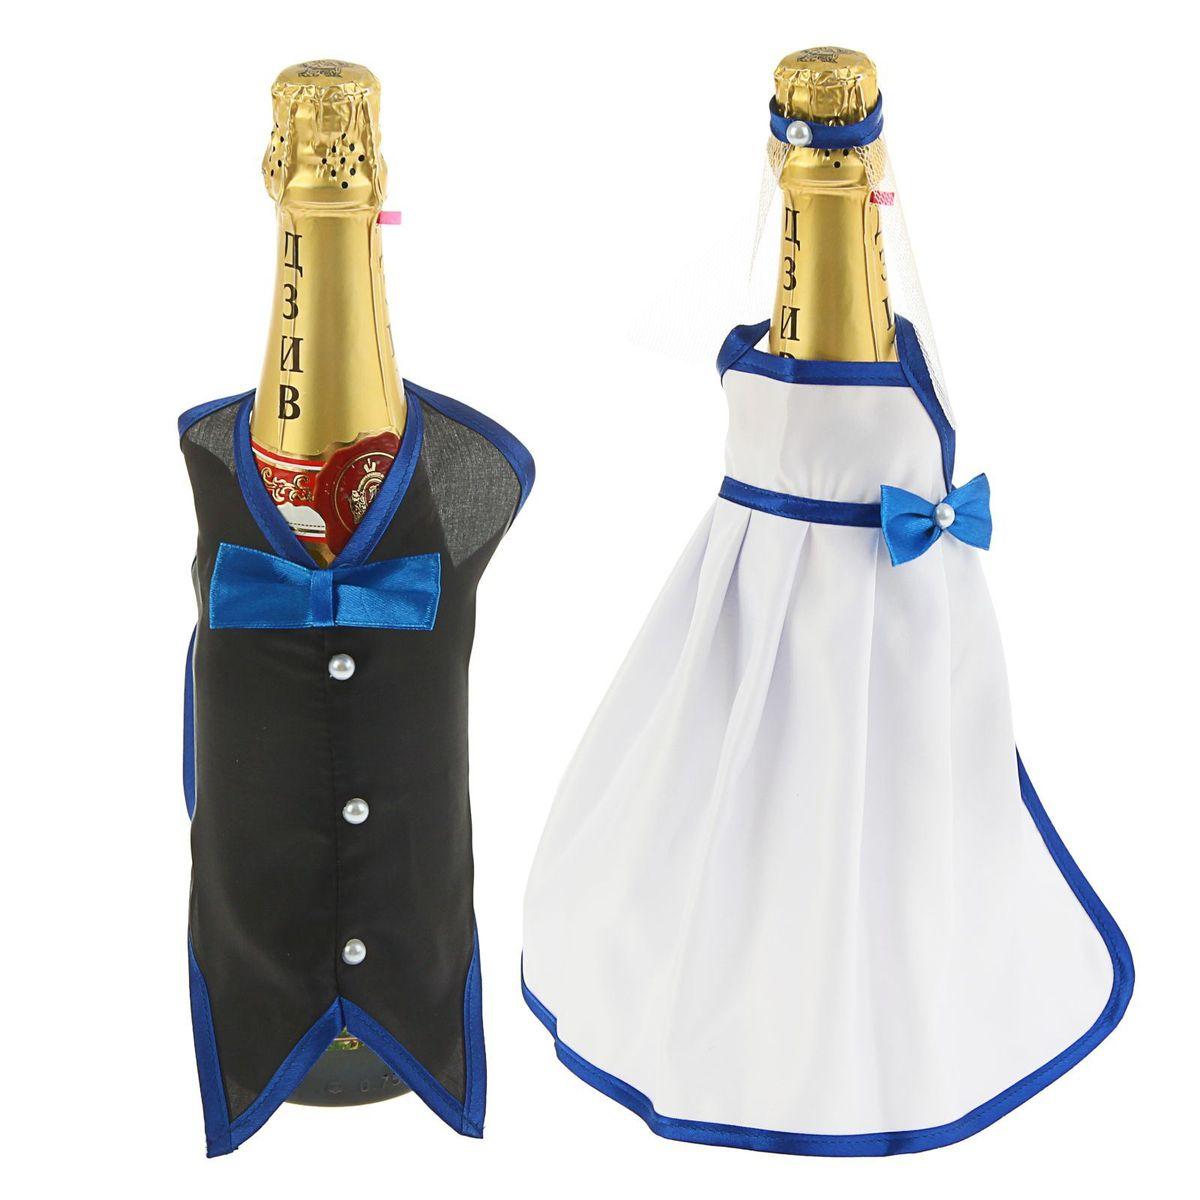 Одежда на бутылку Sima-land, цвет: белый, черный, синий. 1161867MB860Красиво оформленный свадебный стол - это эффектное, неординарное и очень значимое обрамление для проведения запланированного вами торжества.Украшение для бутылки - это красивое и оригинальное украшение зала, которое дополнит выбранный стиль мероприятия и передаст праздничное настроение вам и вашим гостям.